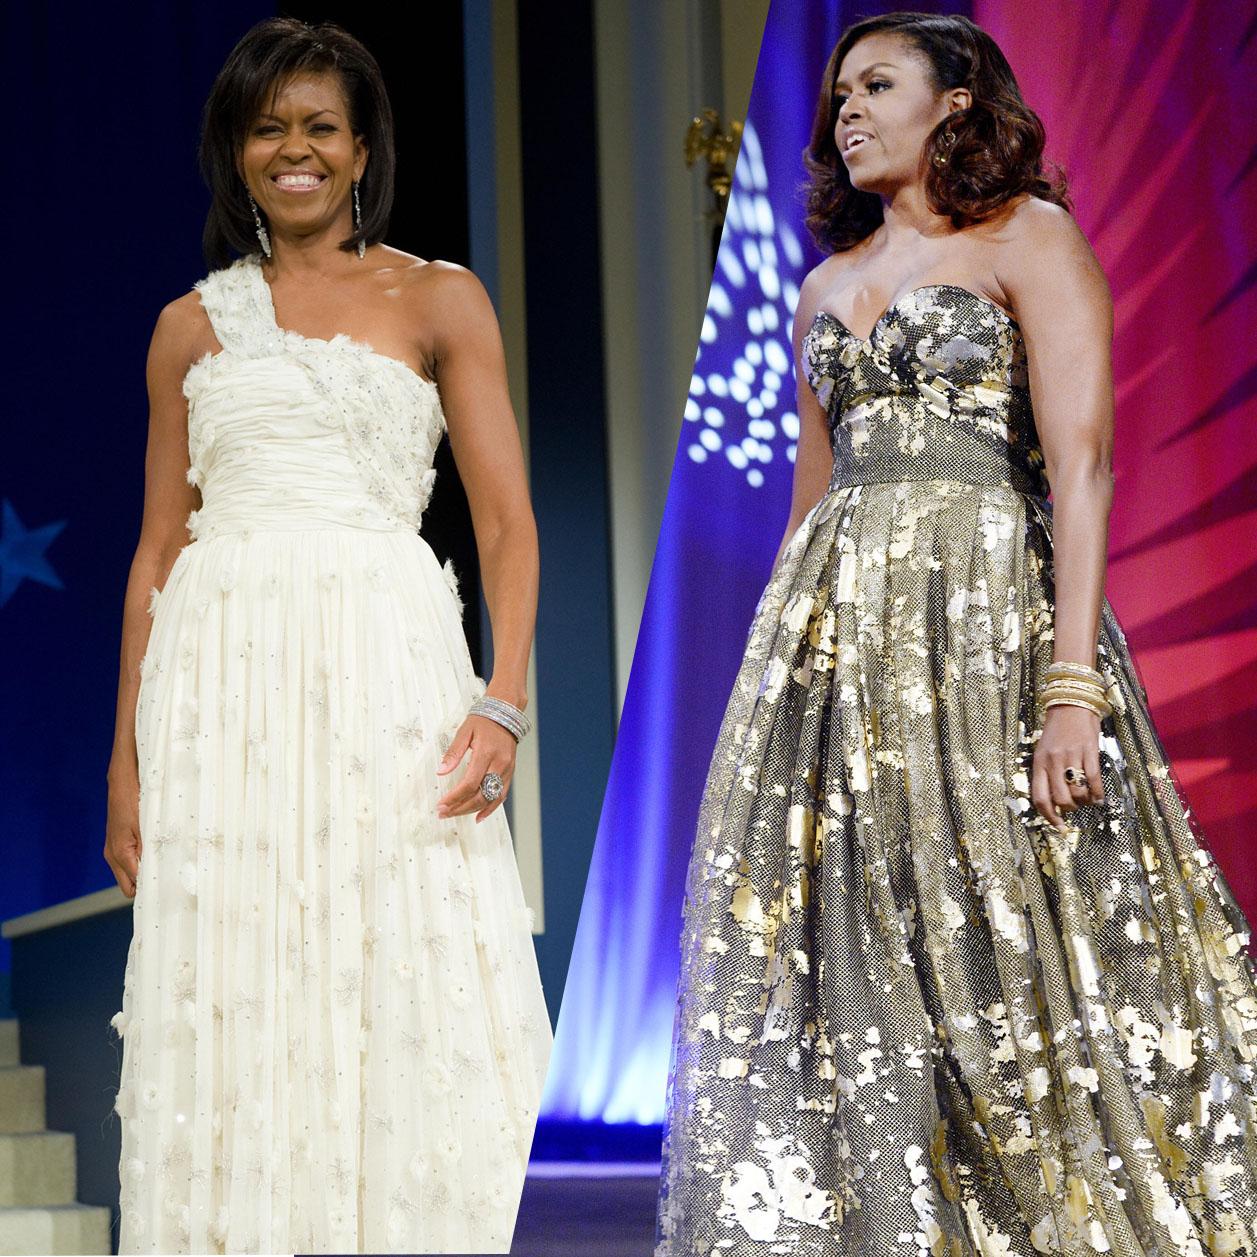 Michelle Obama célèbre ses 56 ans, retour en images sur ses plus beaux looks